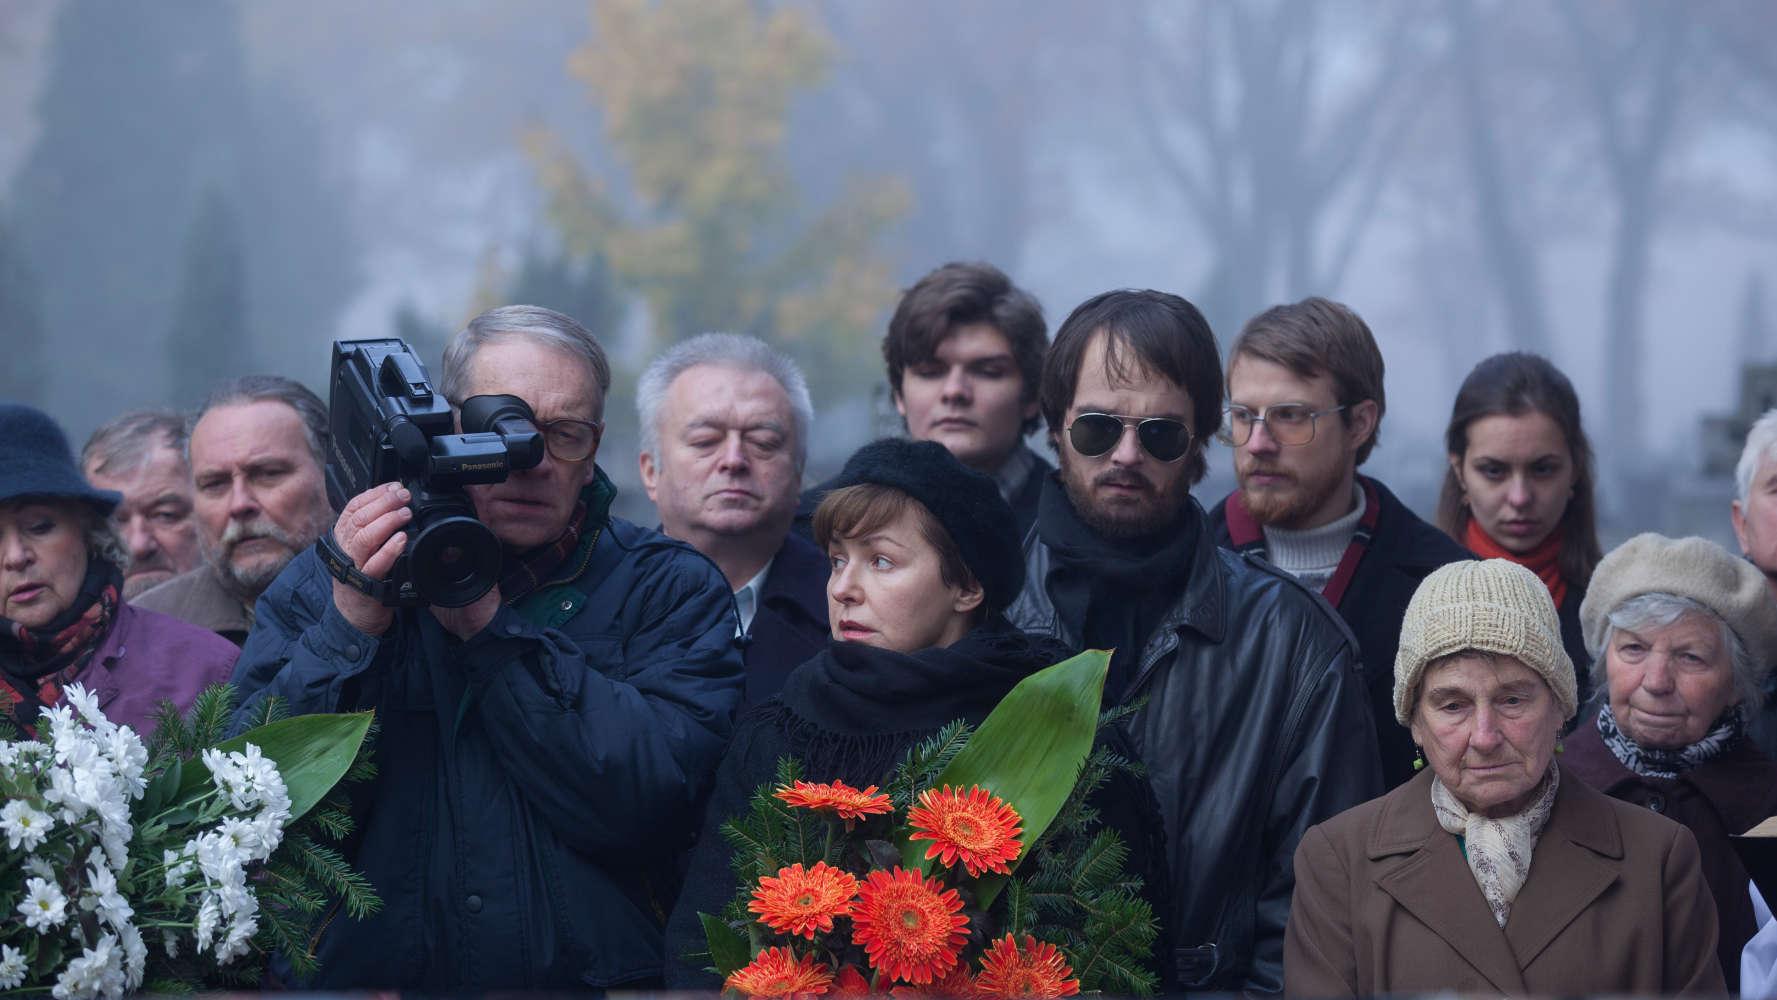 Najlepsze polskie filmy 2016. Te dzieła musisz znać – TOP 10